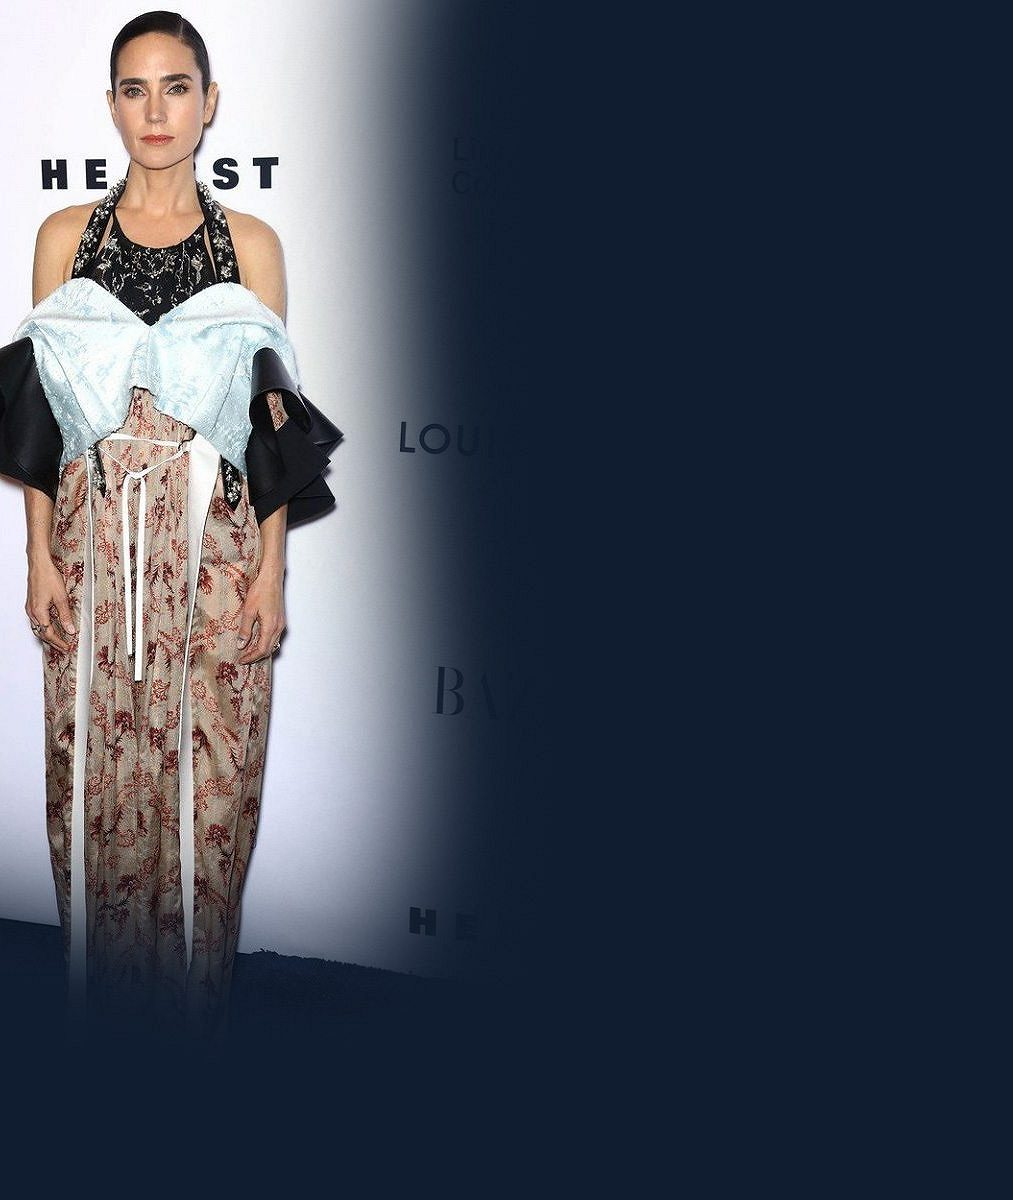 Hodila na sebe nedodělky z krejčovské dílny? Slavná herečka oblékla podivnou a v praxi nenositelnou módní kreaci